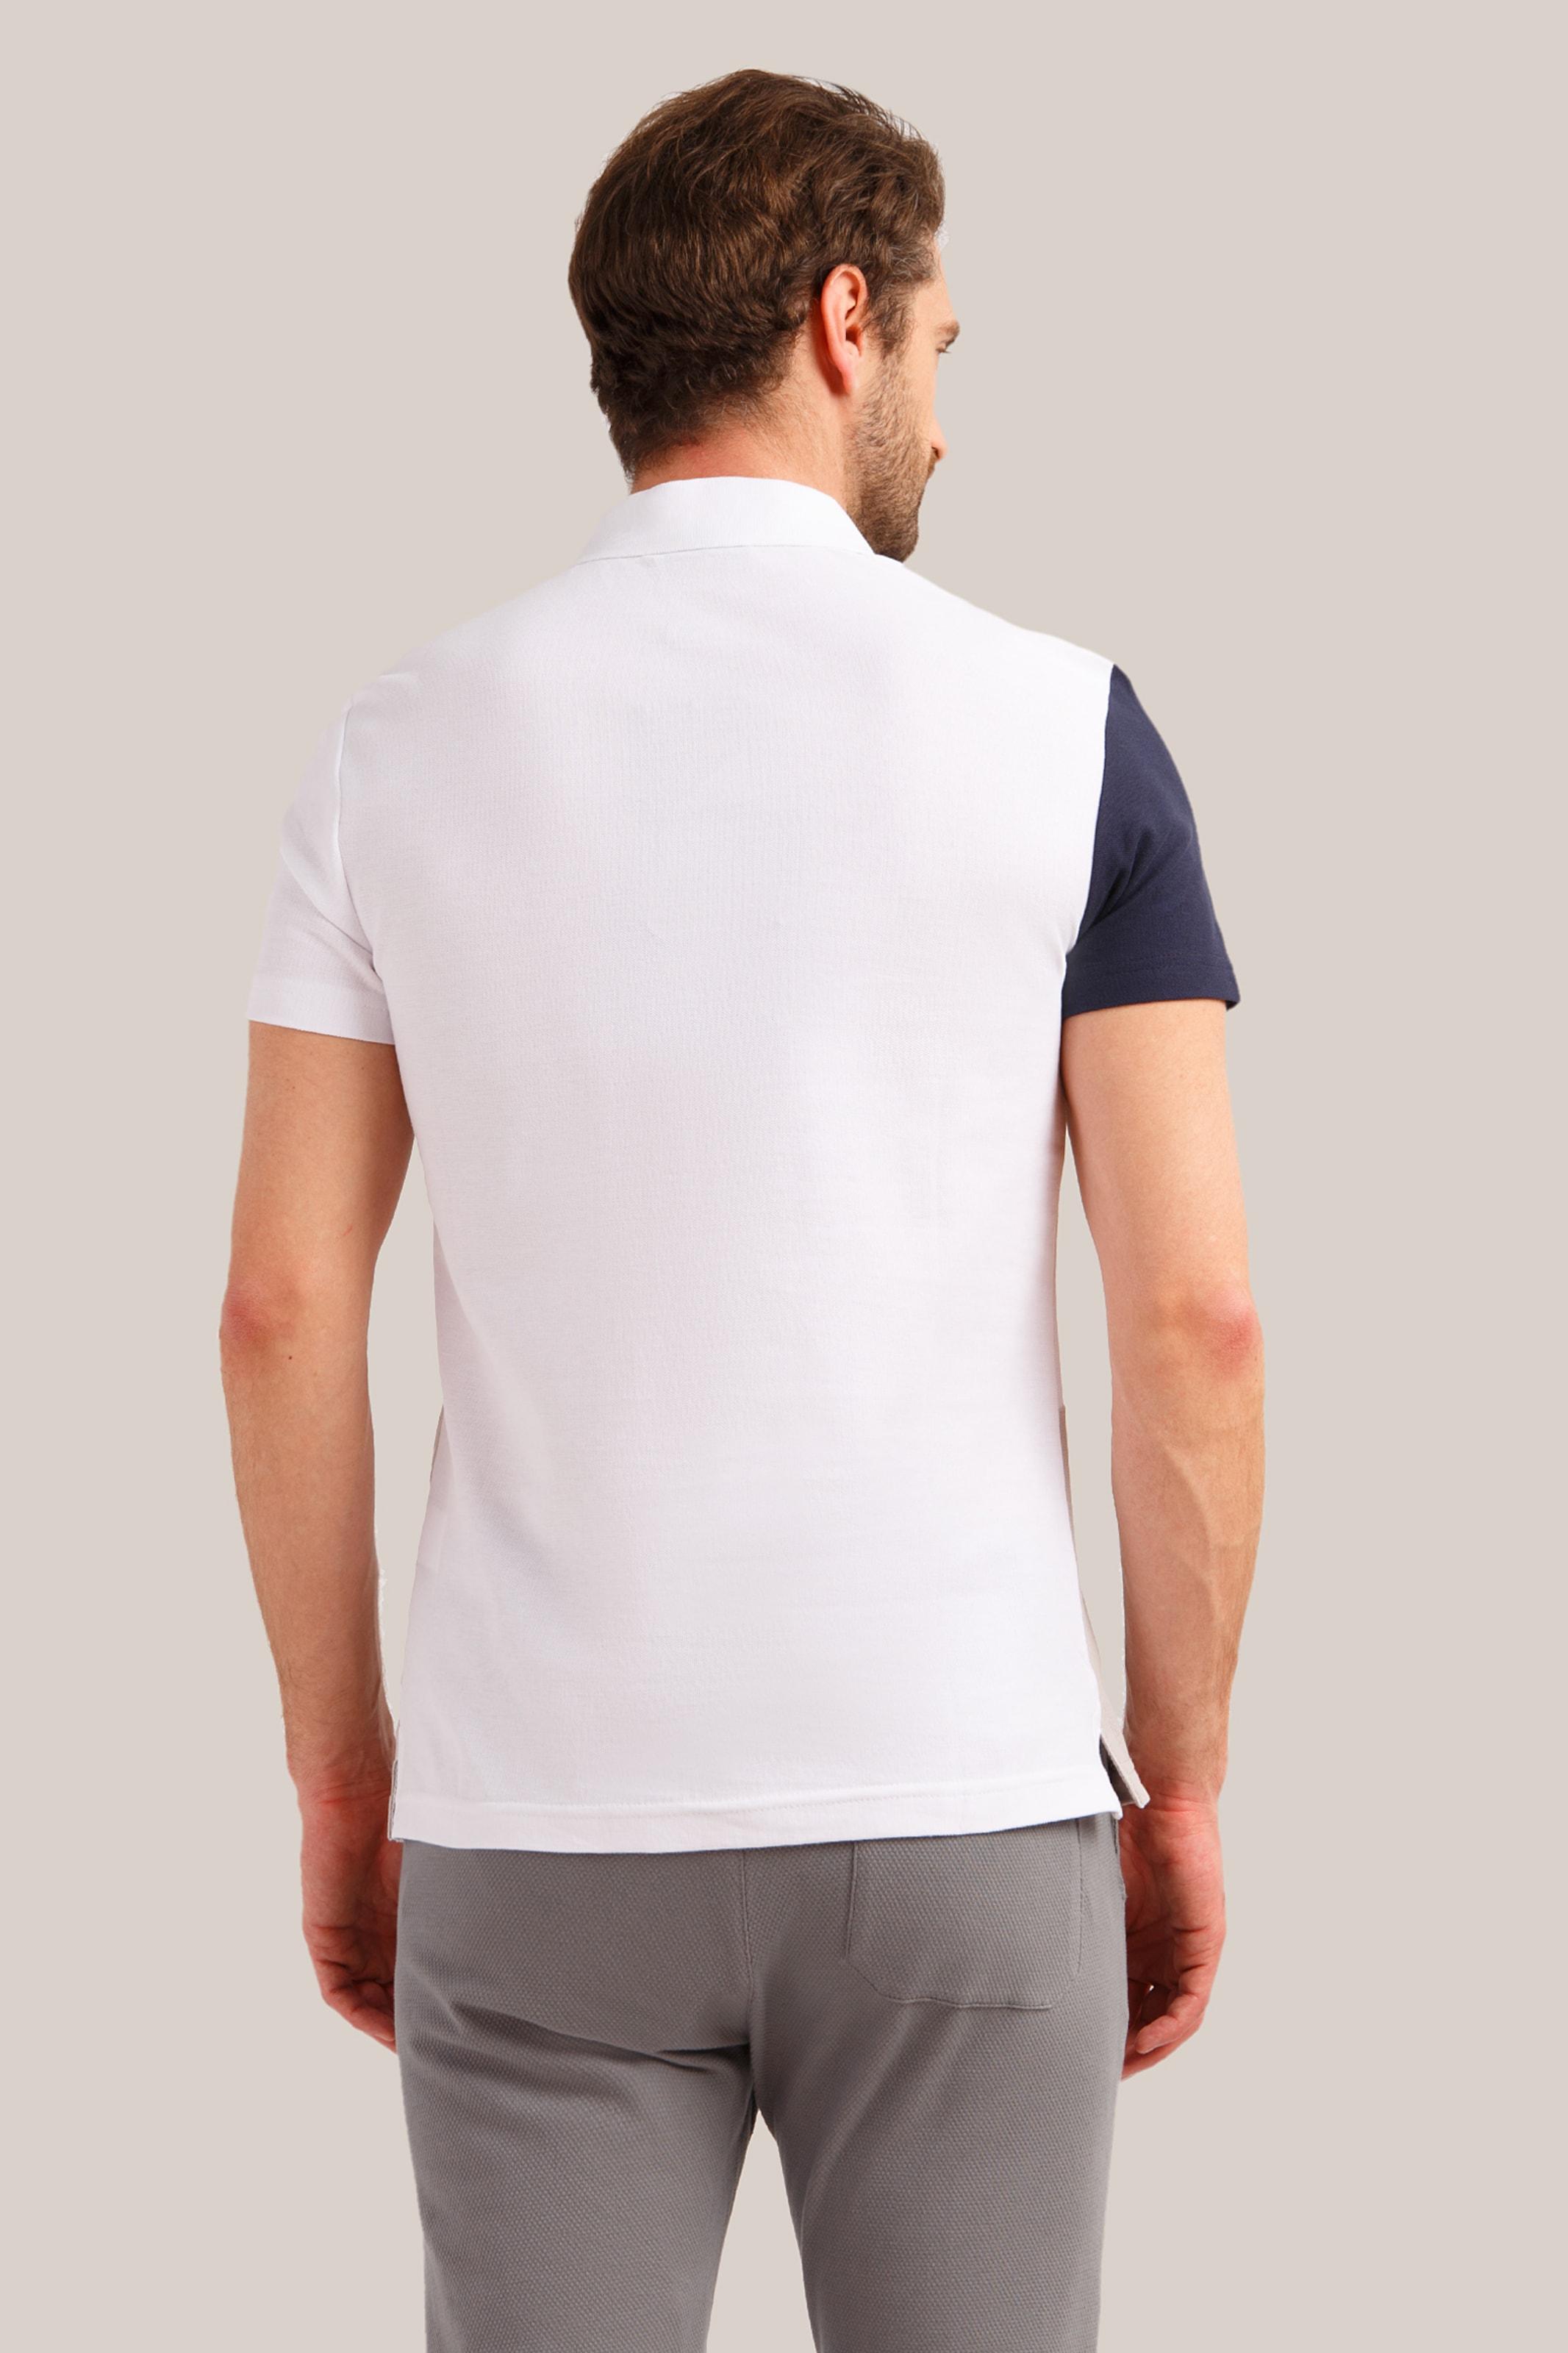 Flare CamelMarine In Finn Weiß Shirt gvb6IYf7y